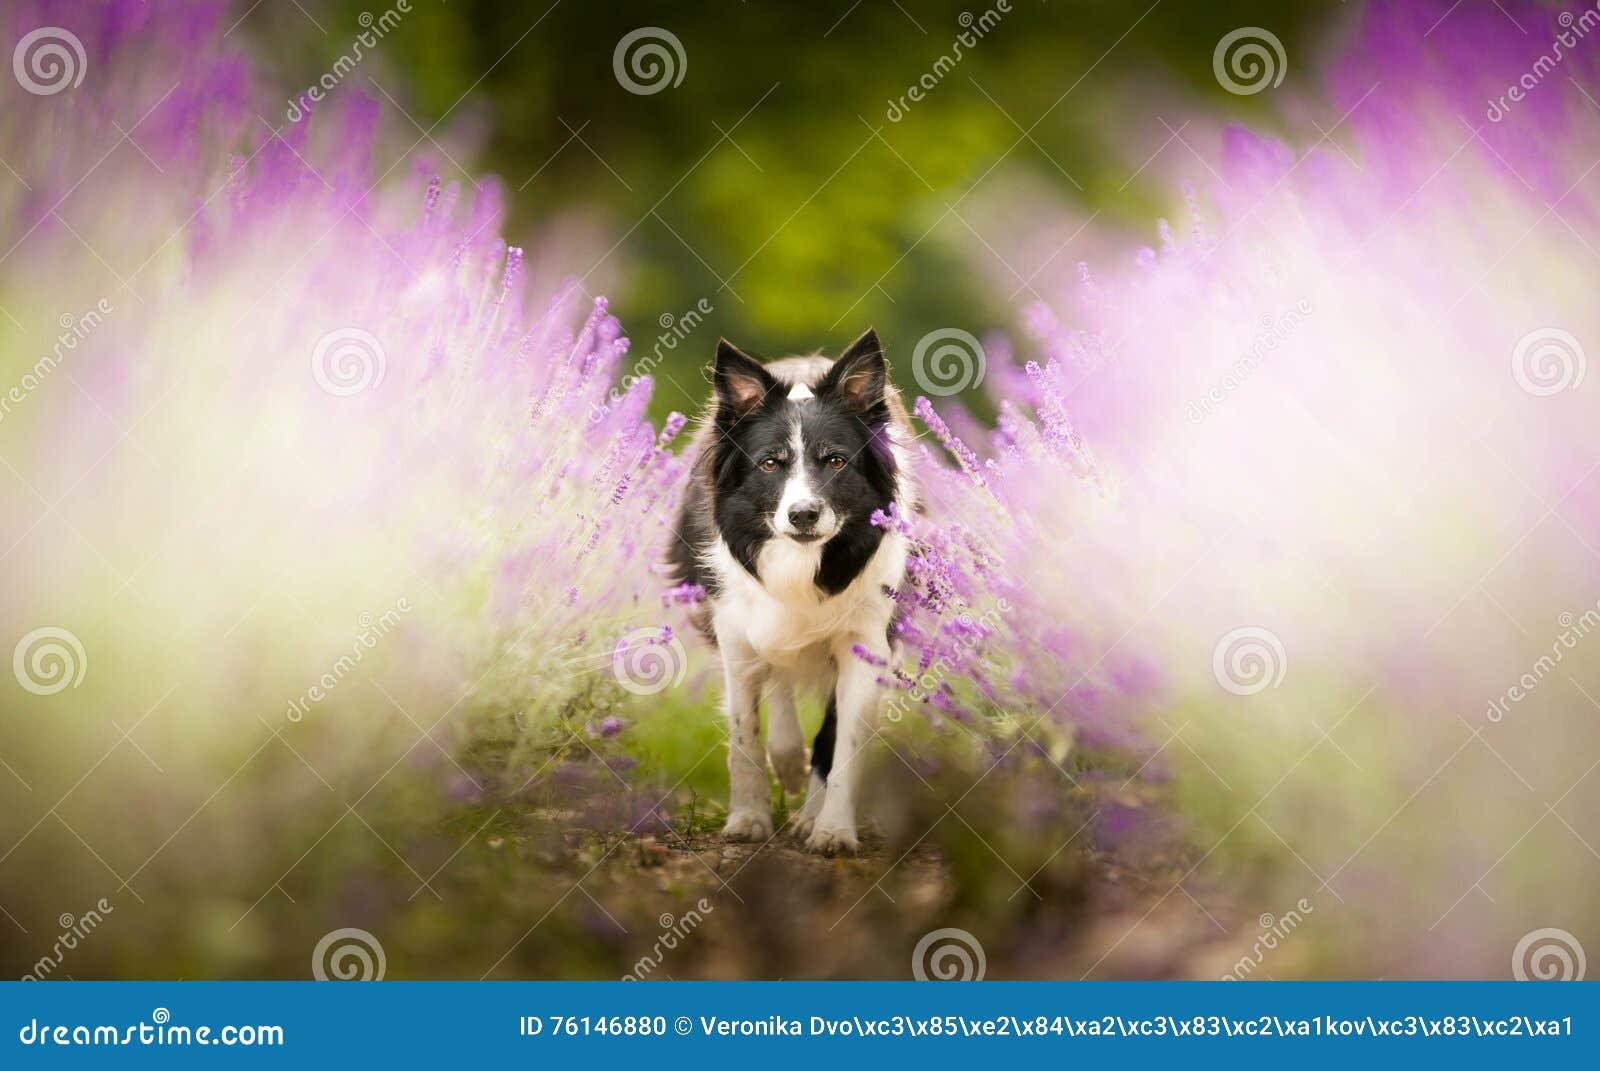 Border collie im Lavendel